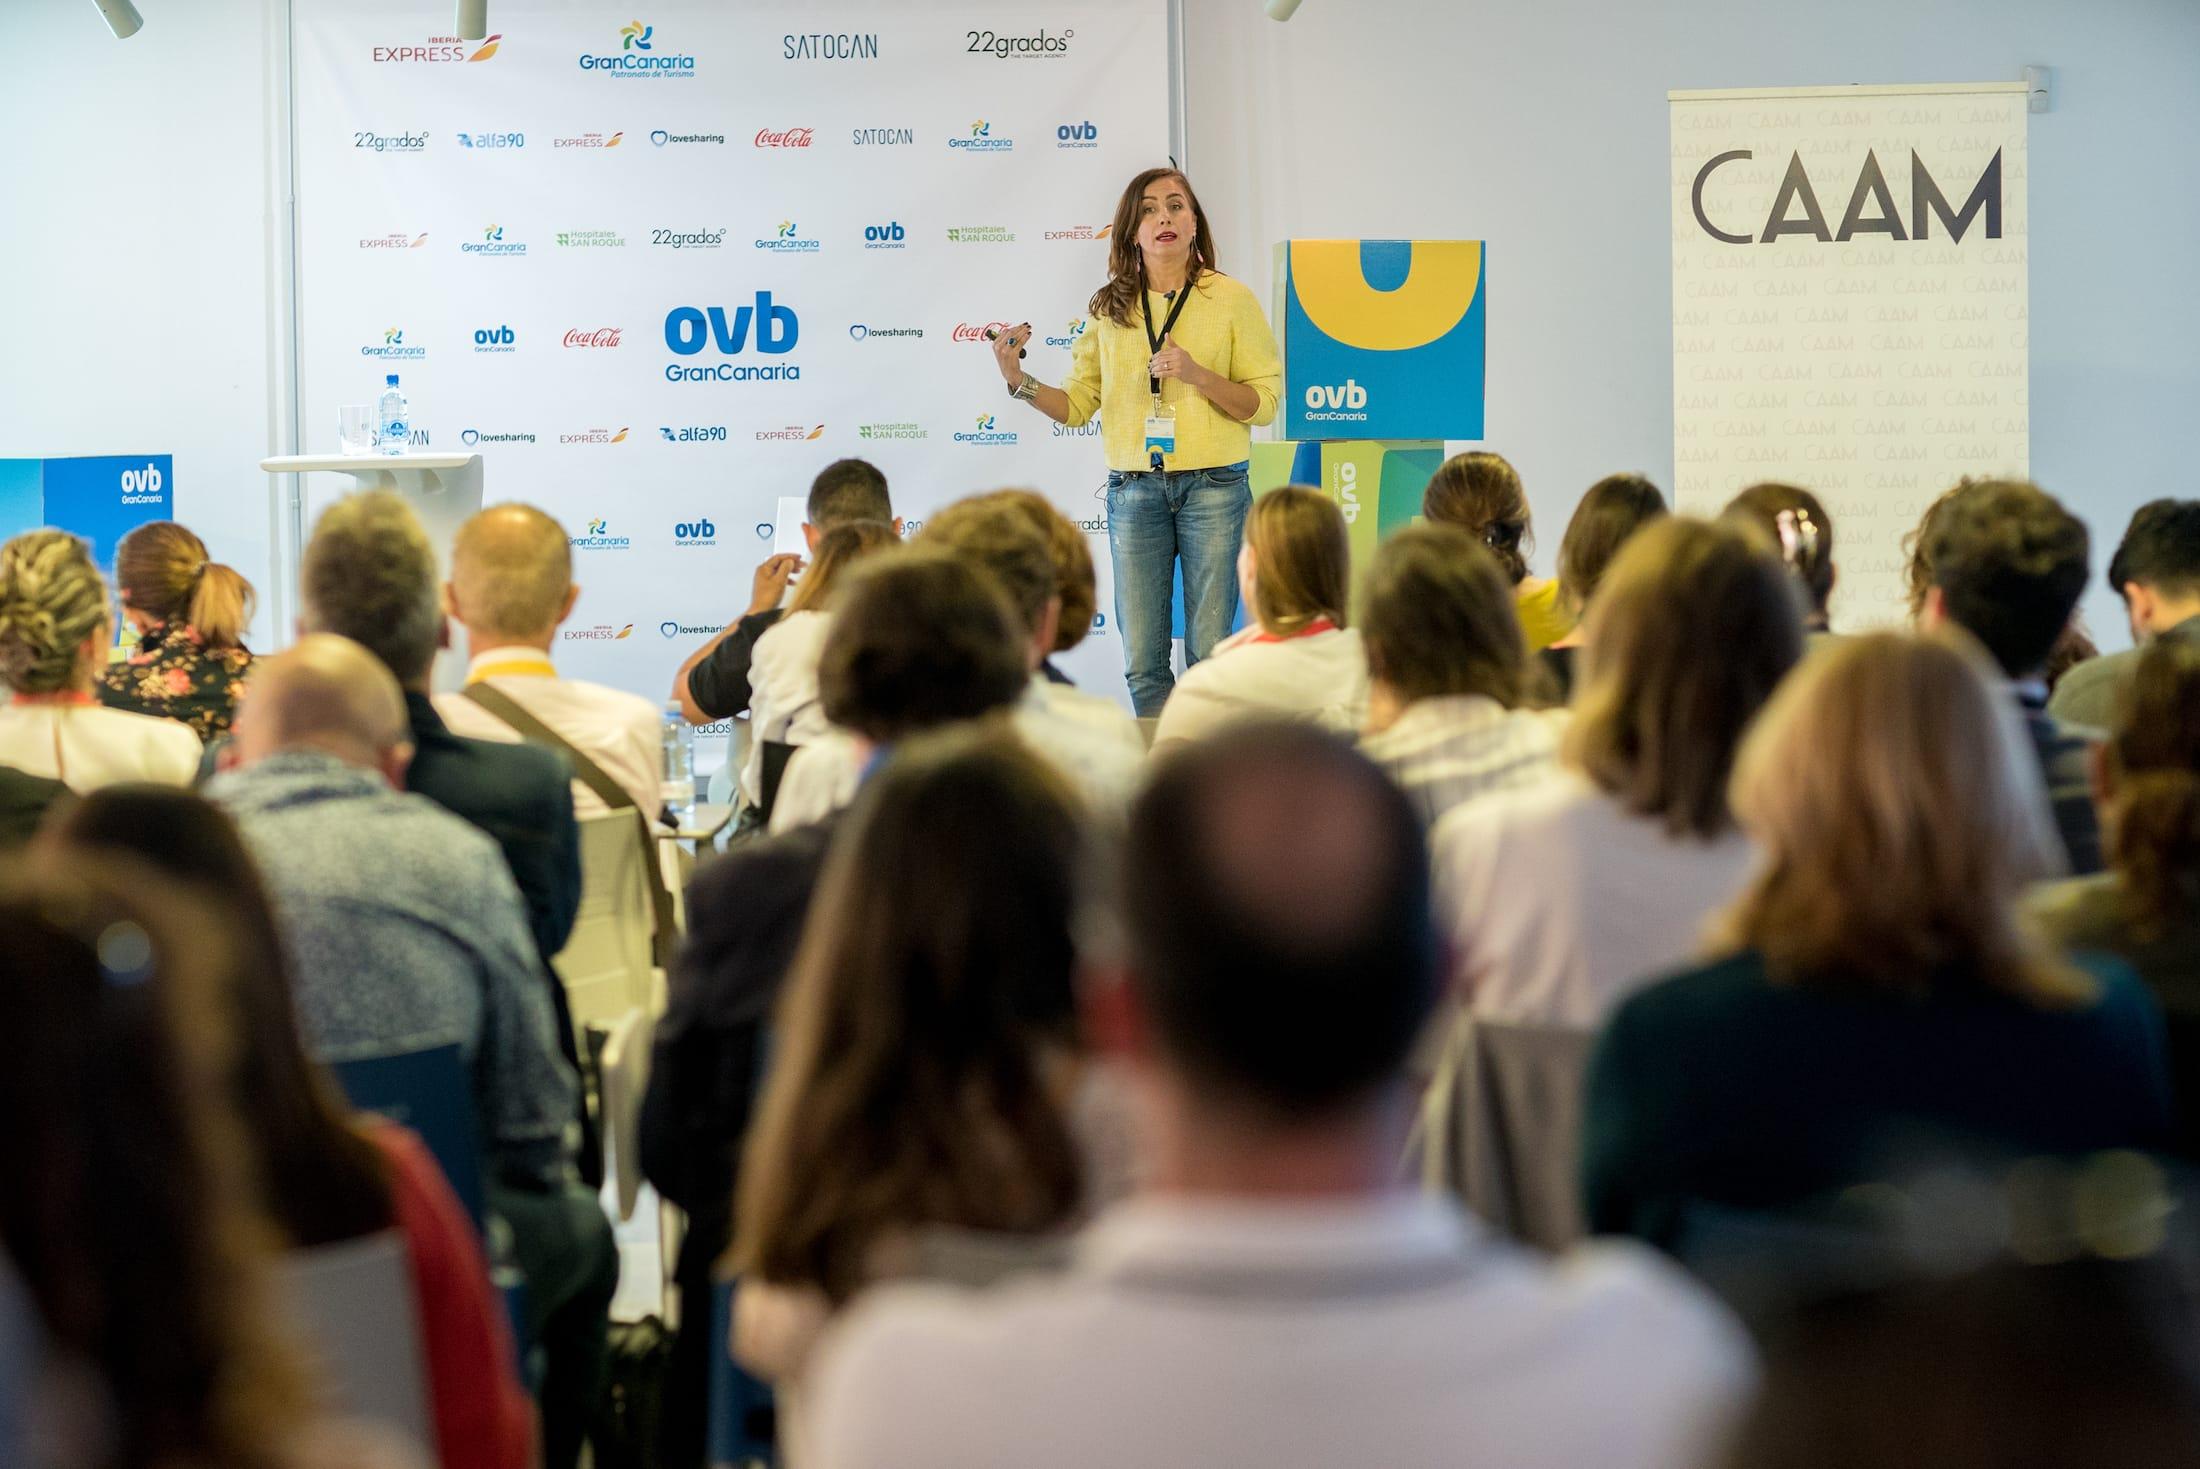 Éxito en el primer Basecamp de Overbooking Gran Canaria, con la participación de 100 asistentes